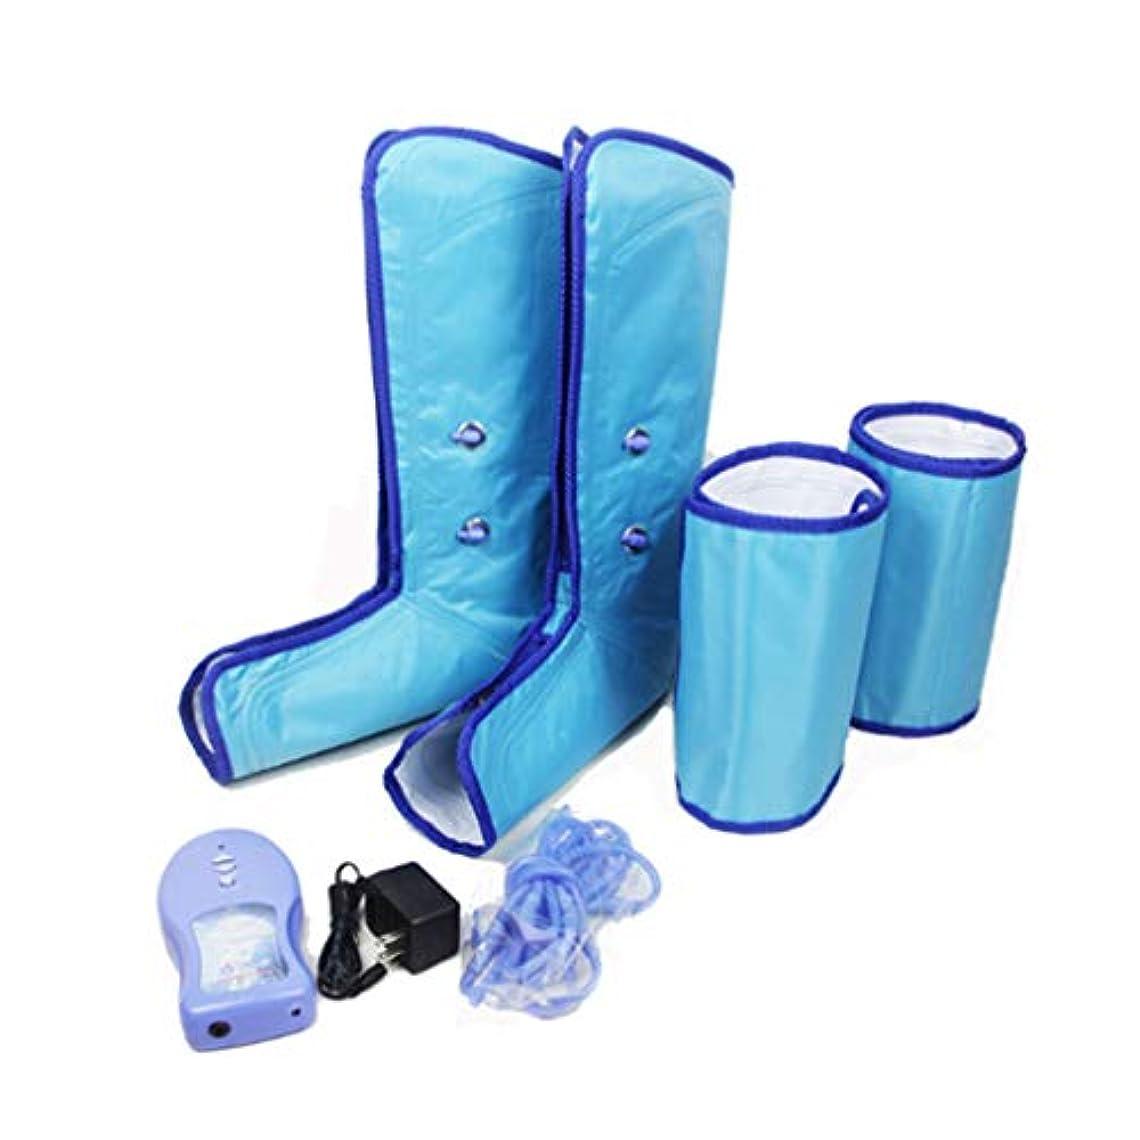 ドキドキ屈辱するアラブサラボ循環および筋肉苦痛救助のための空気圧縮の足覆いのマッサージャー、足のふくらはぎおよび腿の循環のMassagetherapyの足の暖かい人